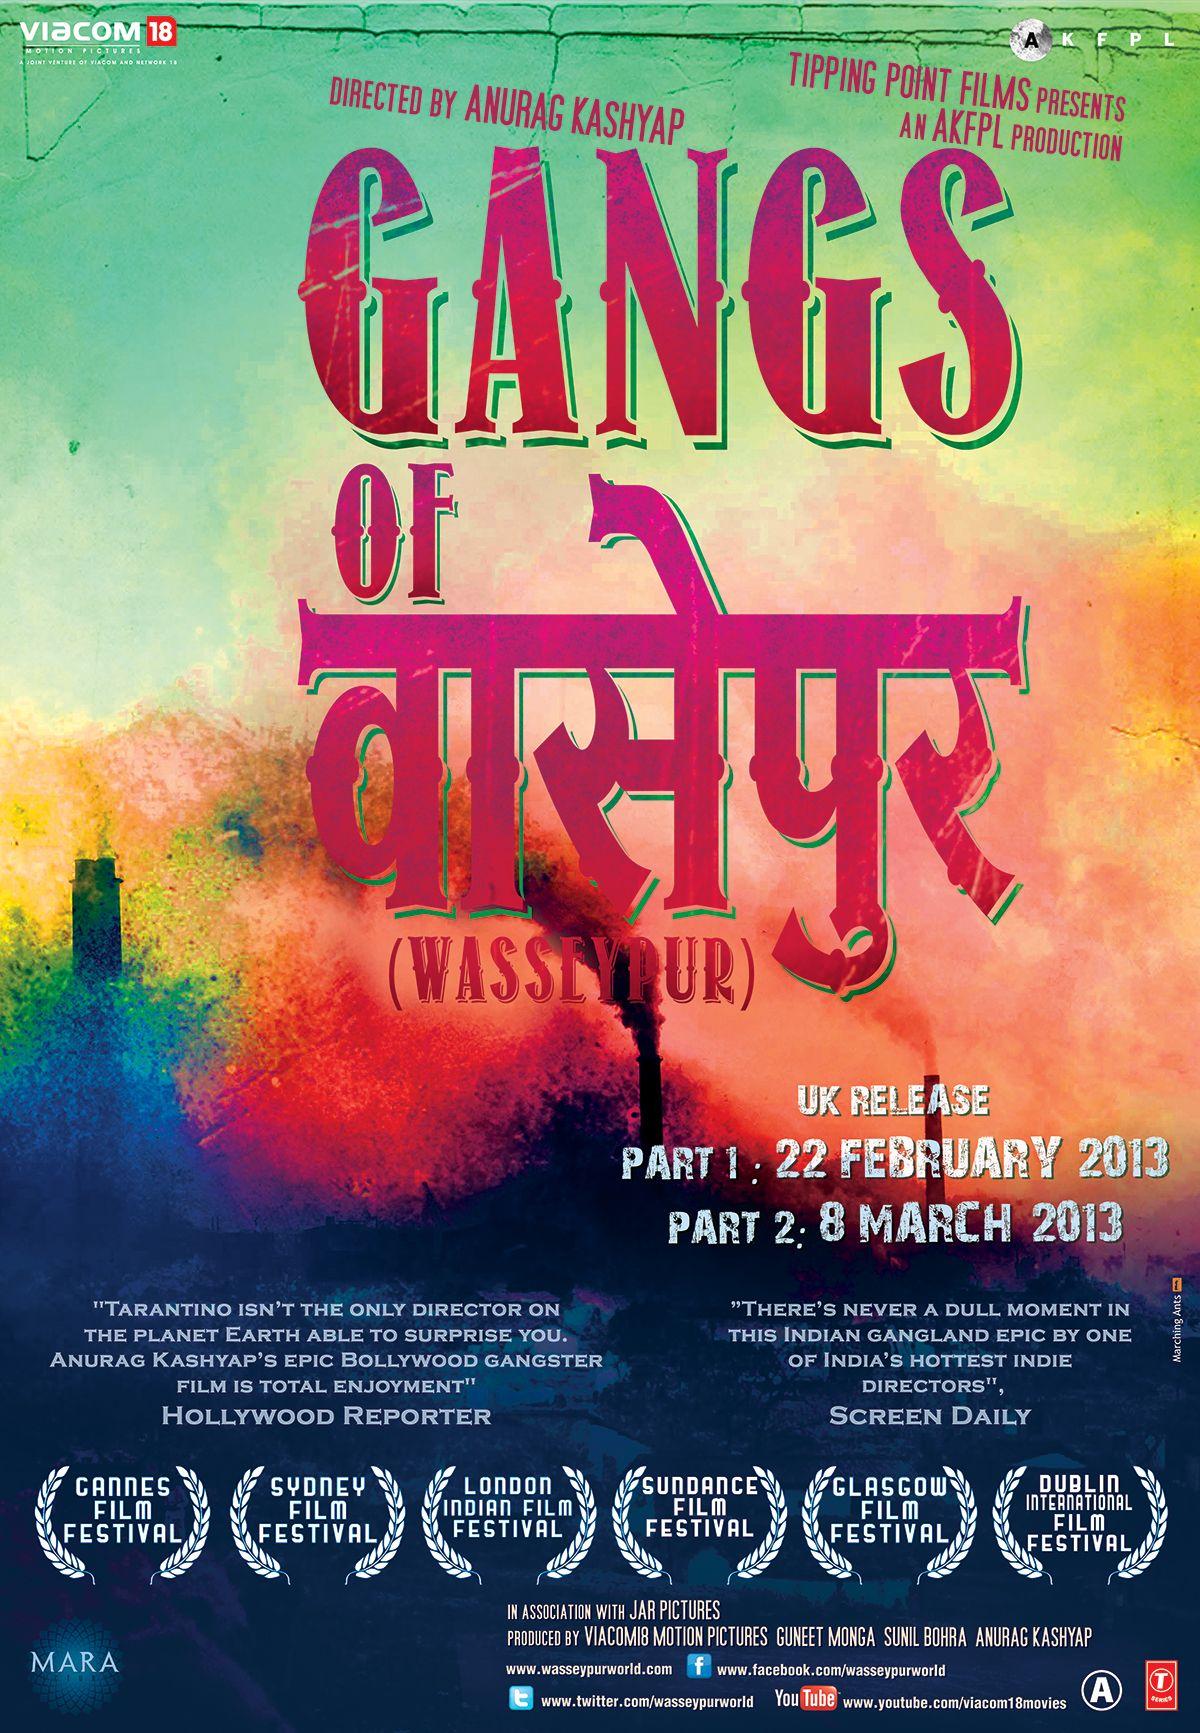 Gangs Of Wasseypur Movie Poster Designs Parag Sankhe Movie Posters Design Movie Posters Gangster Films